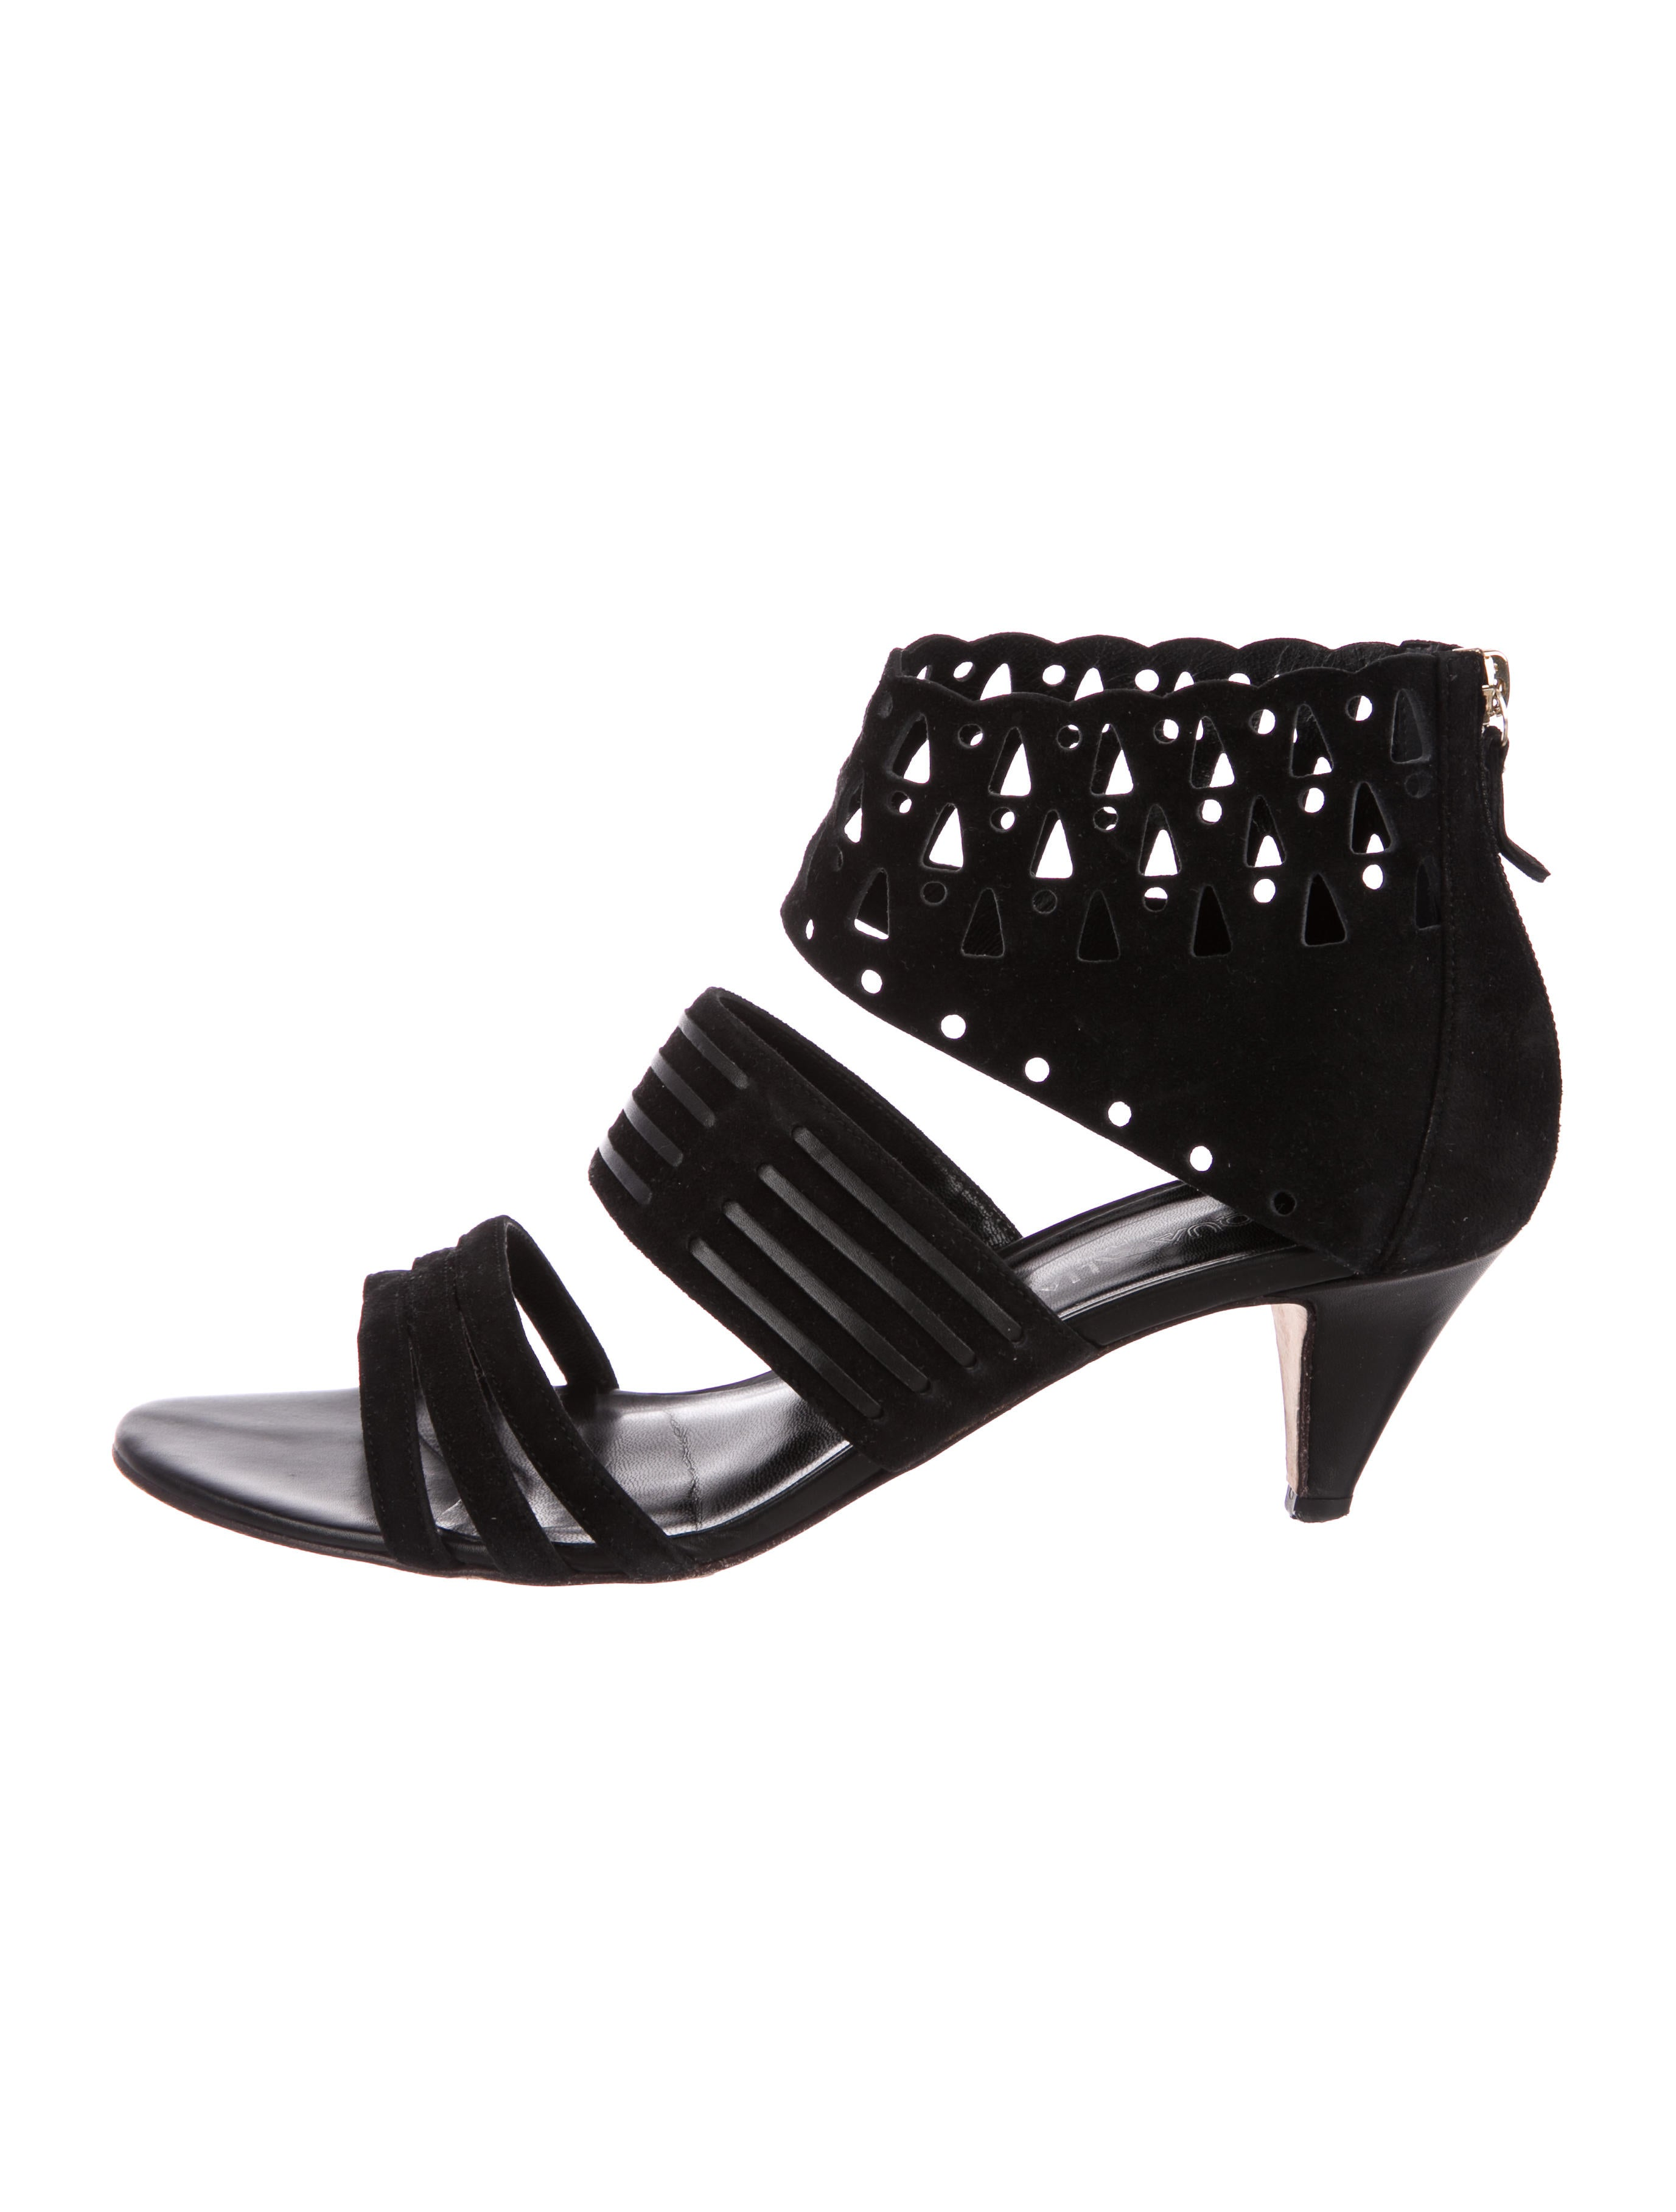 Aquatalia Delight Suede Sandals sale big sale outlet order online finishline for sale gsxLYe